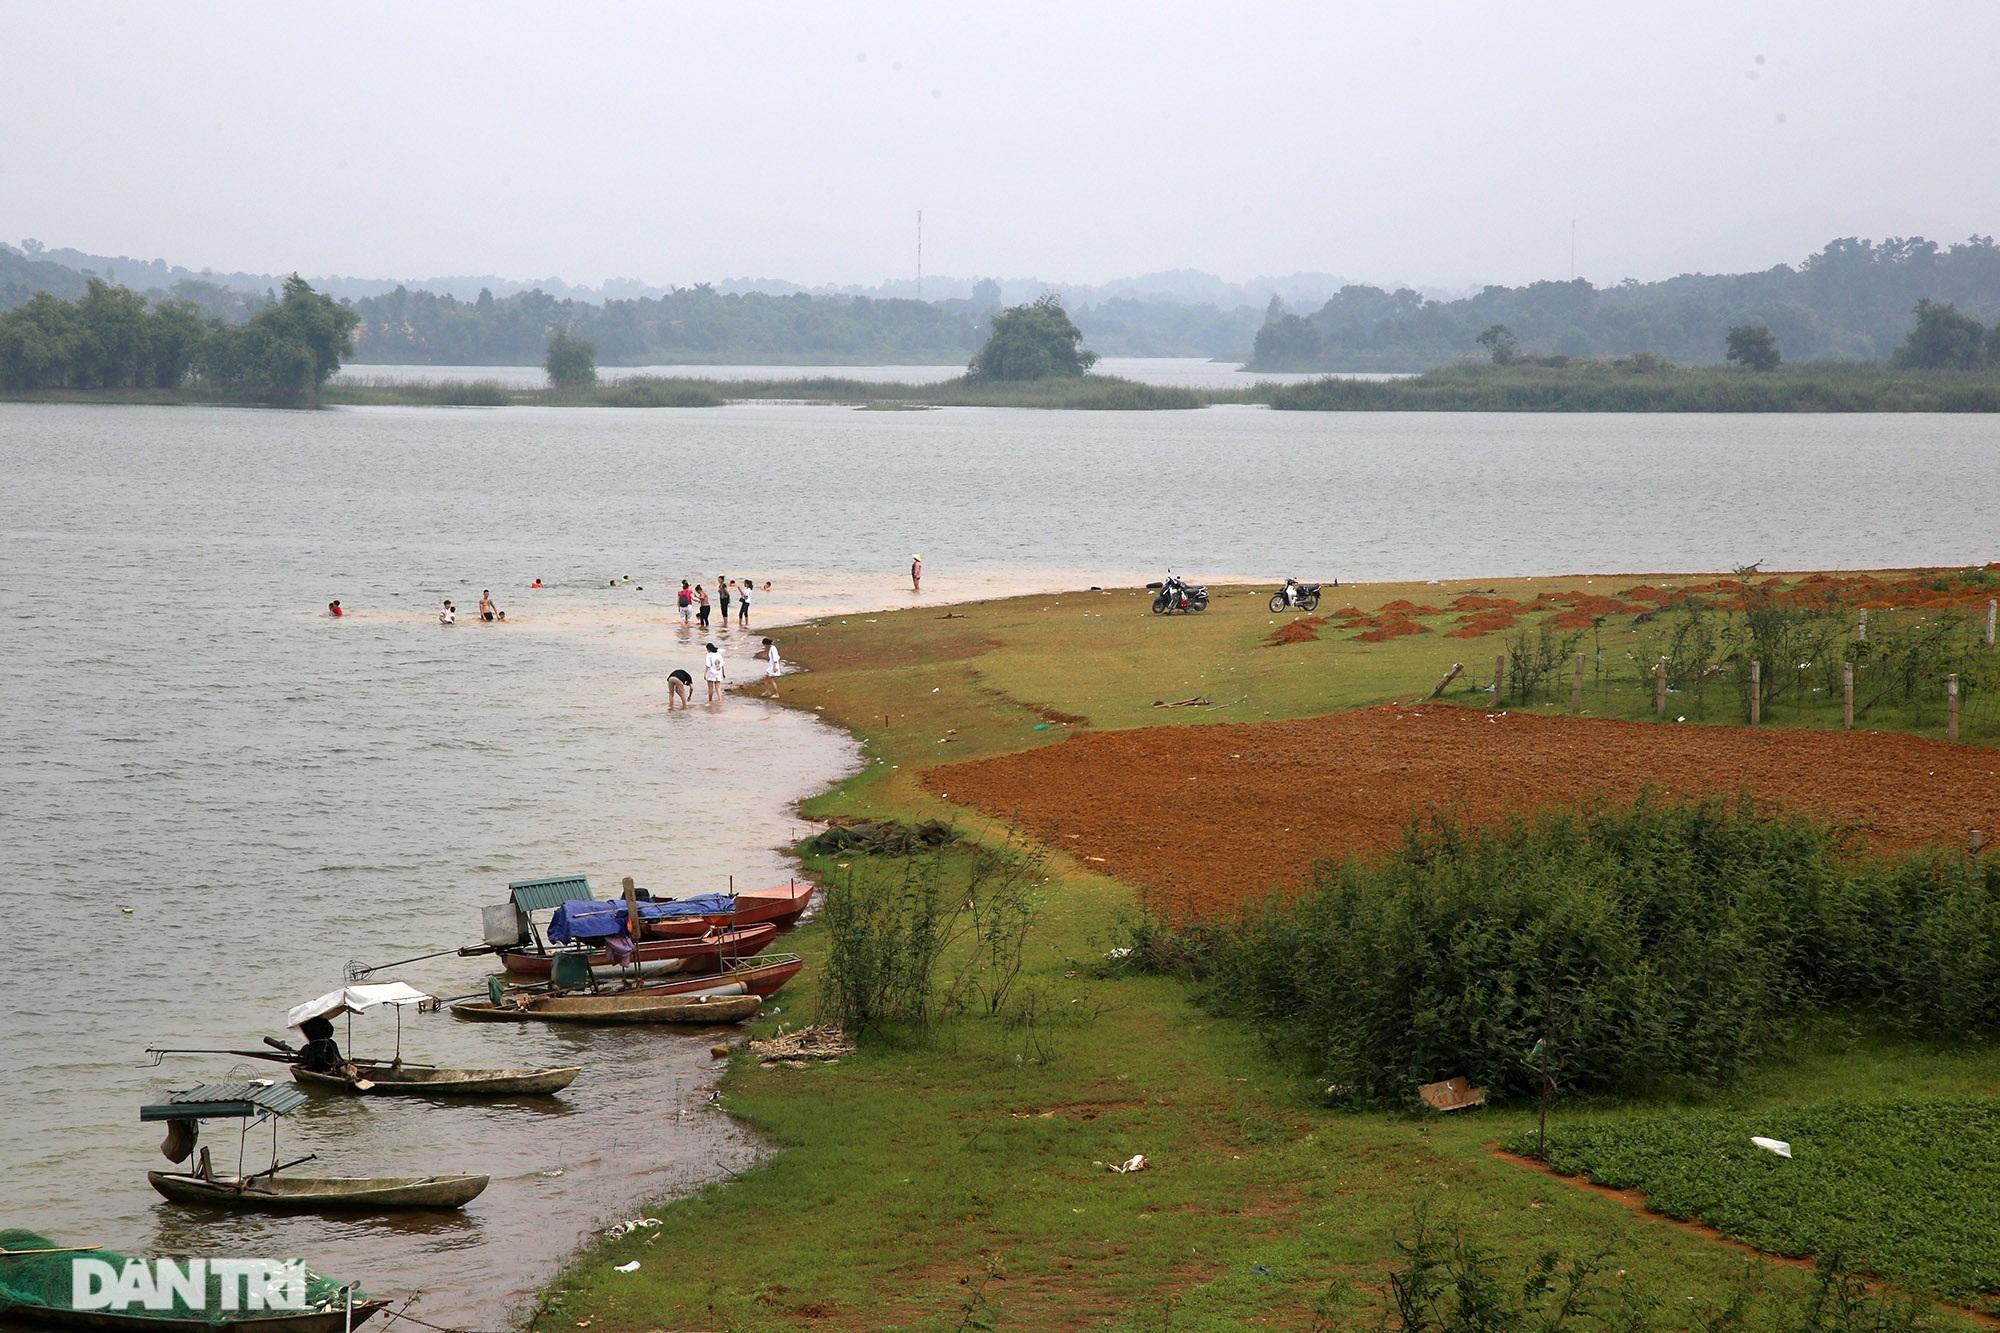 Dù có biển cấm tụ tập, hồ Đồng Mô vẫn tấp nập người đến cắm trại - 1